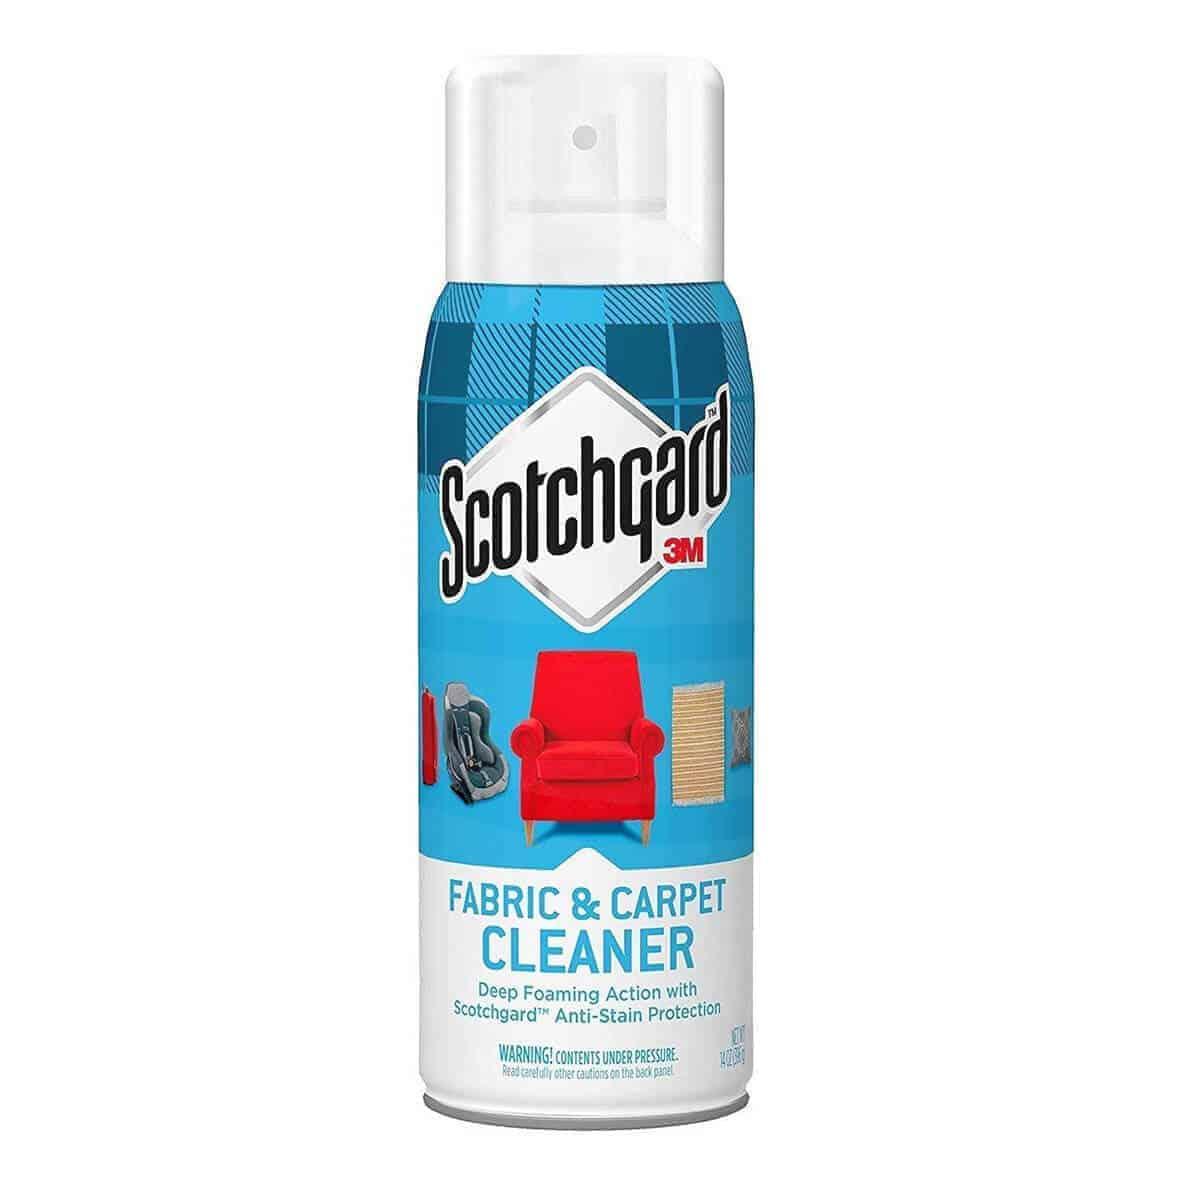 Scotchgard Fabric & Carpet Cleaner, Limpiador de Telas y Alfombras, 14 OZ